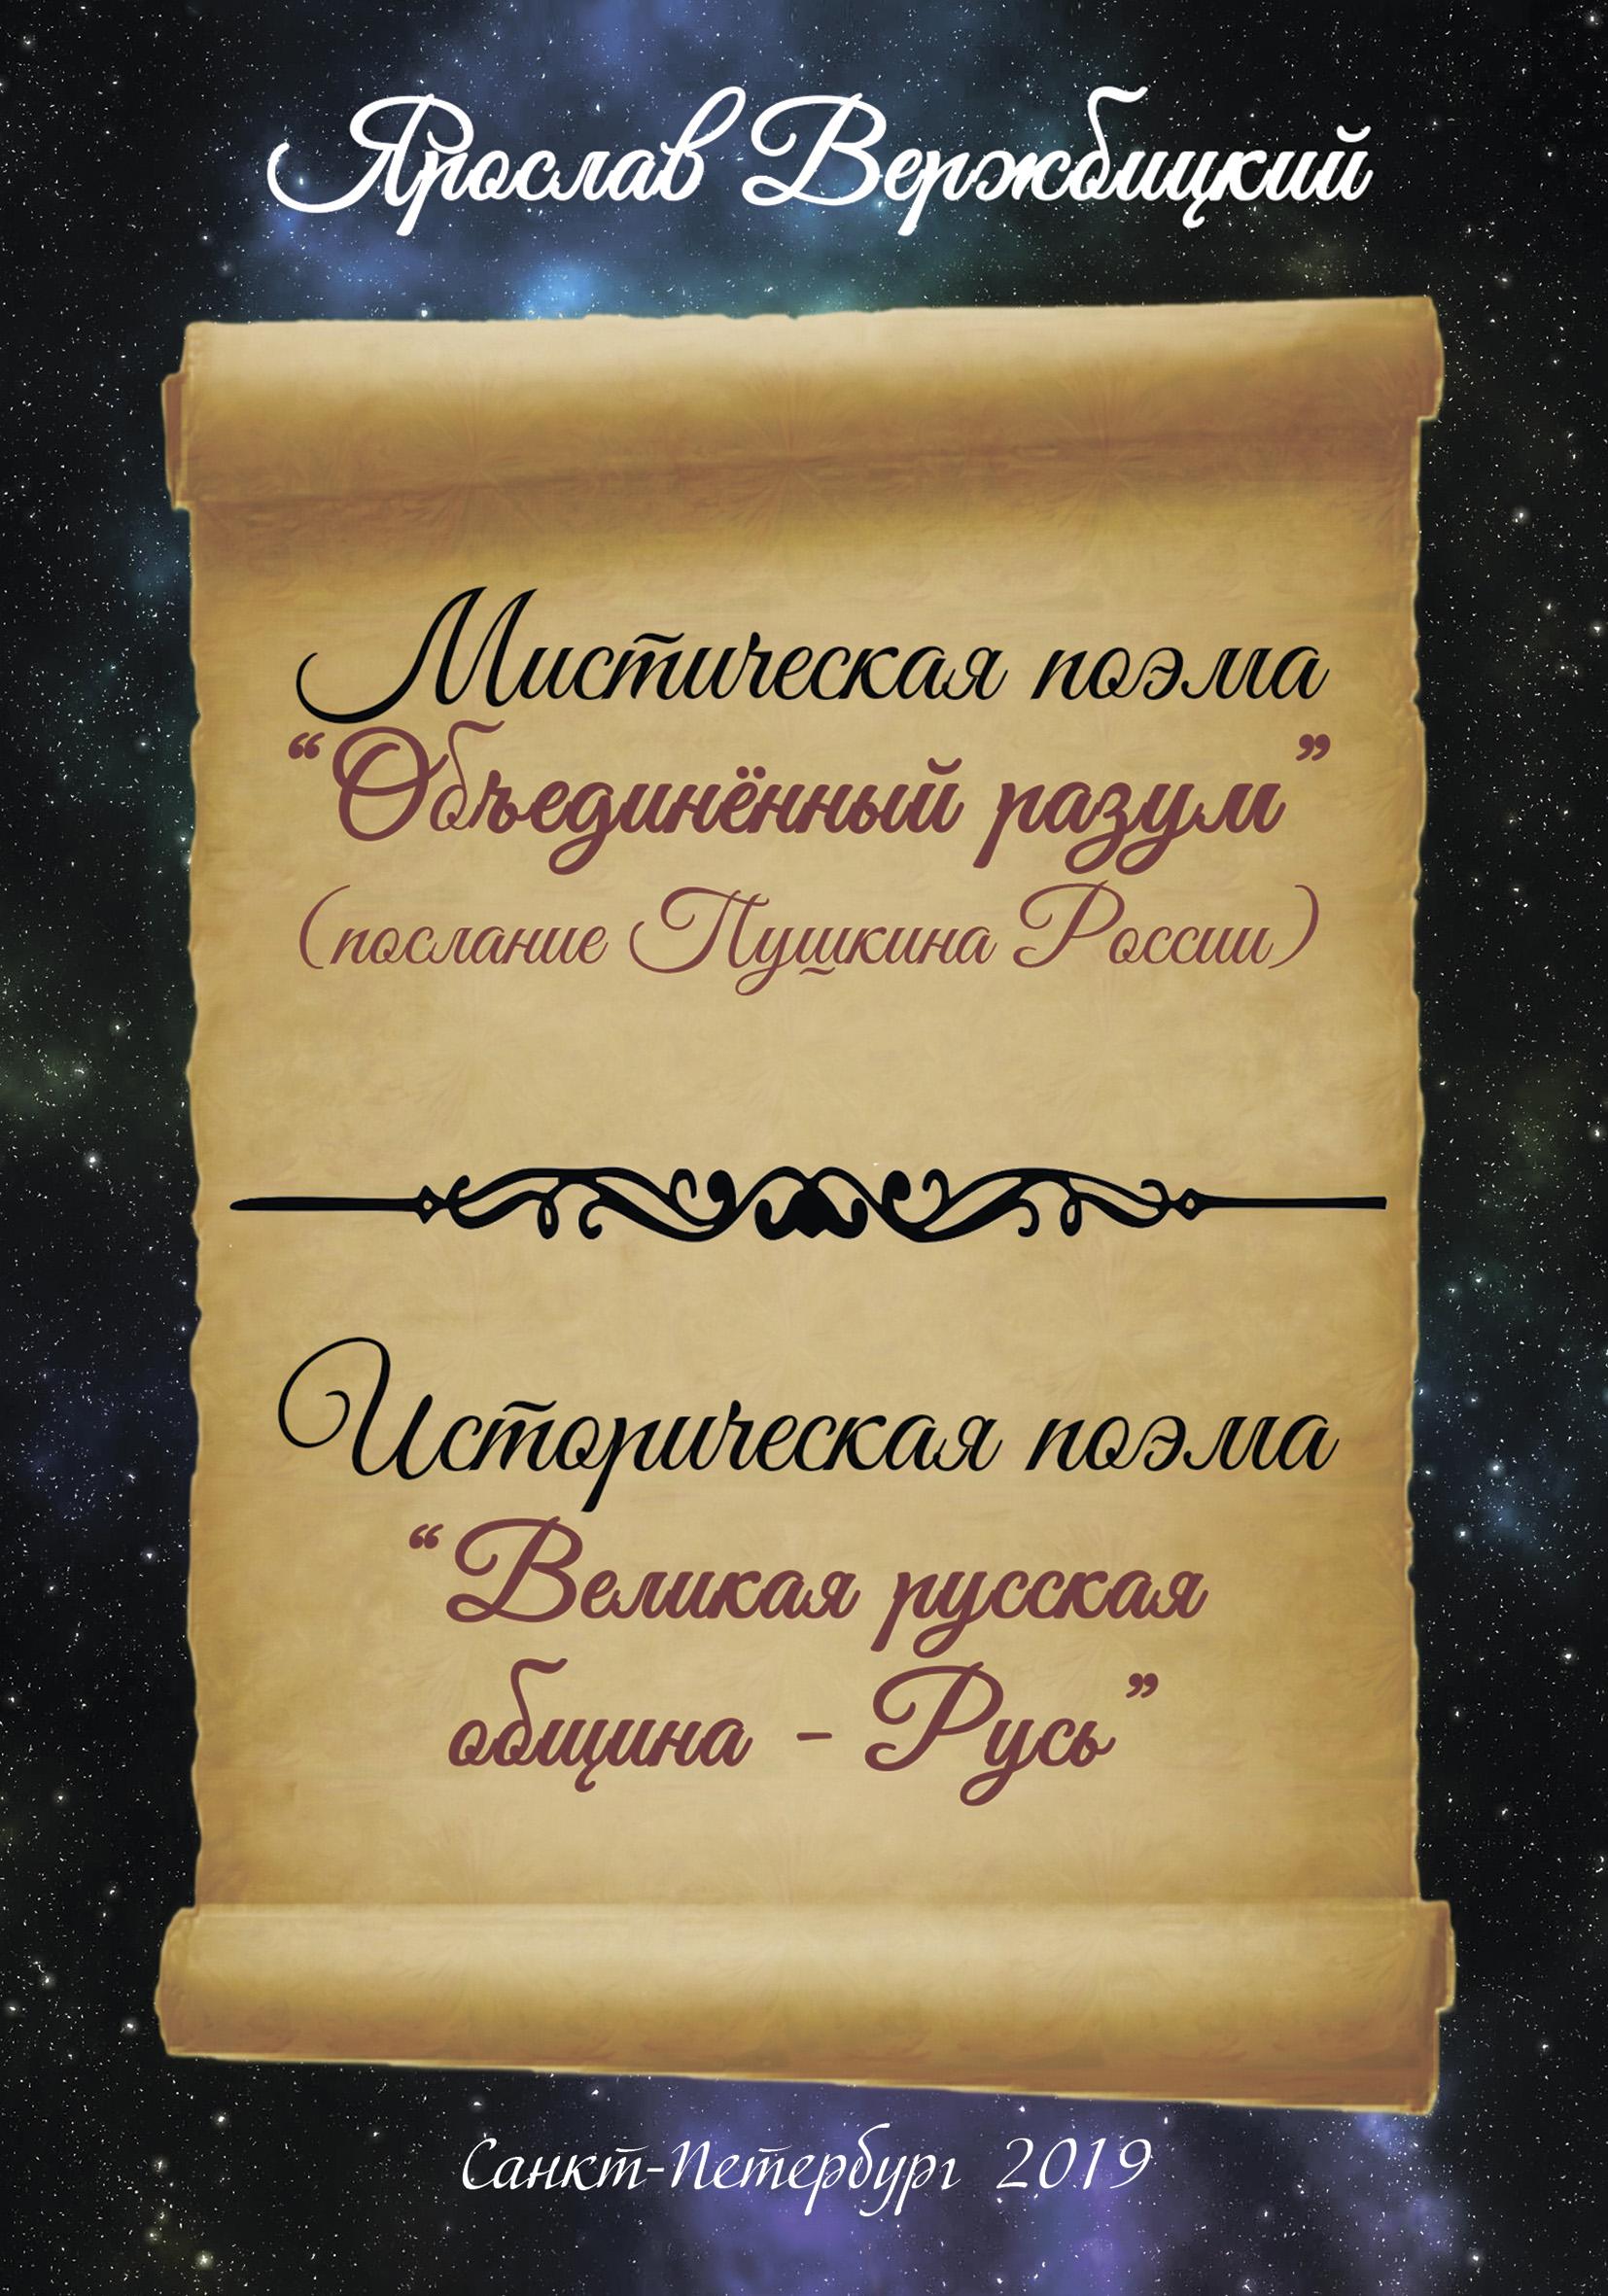 Поэма «Объединенный разум»